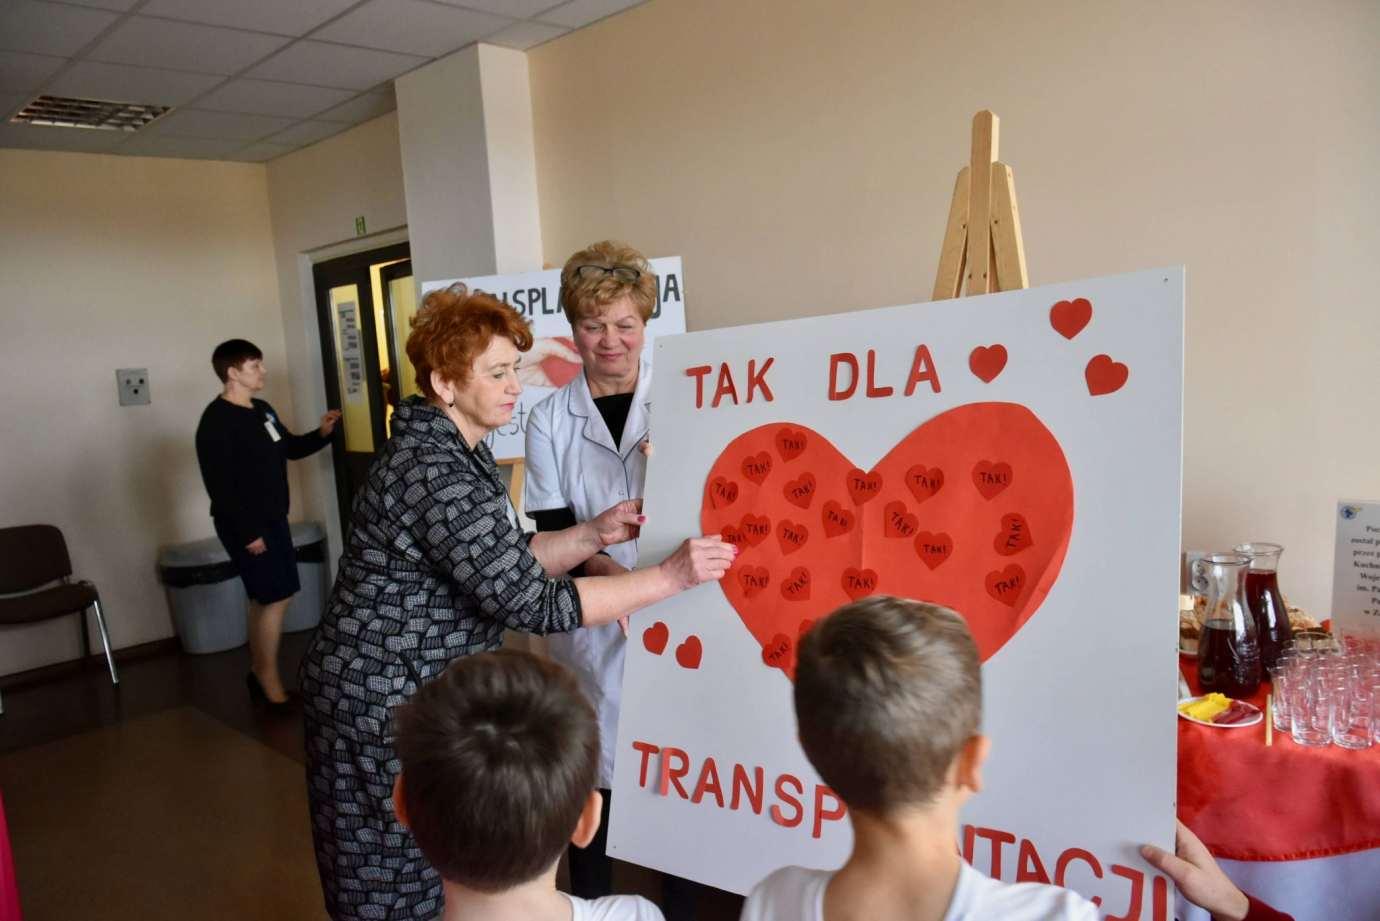 dsc 2630 Obchody Ogólnopolskiego Dnia Transplantacji w szpitalu